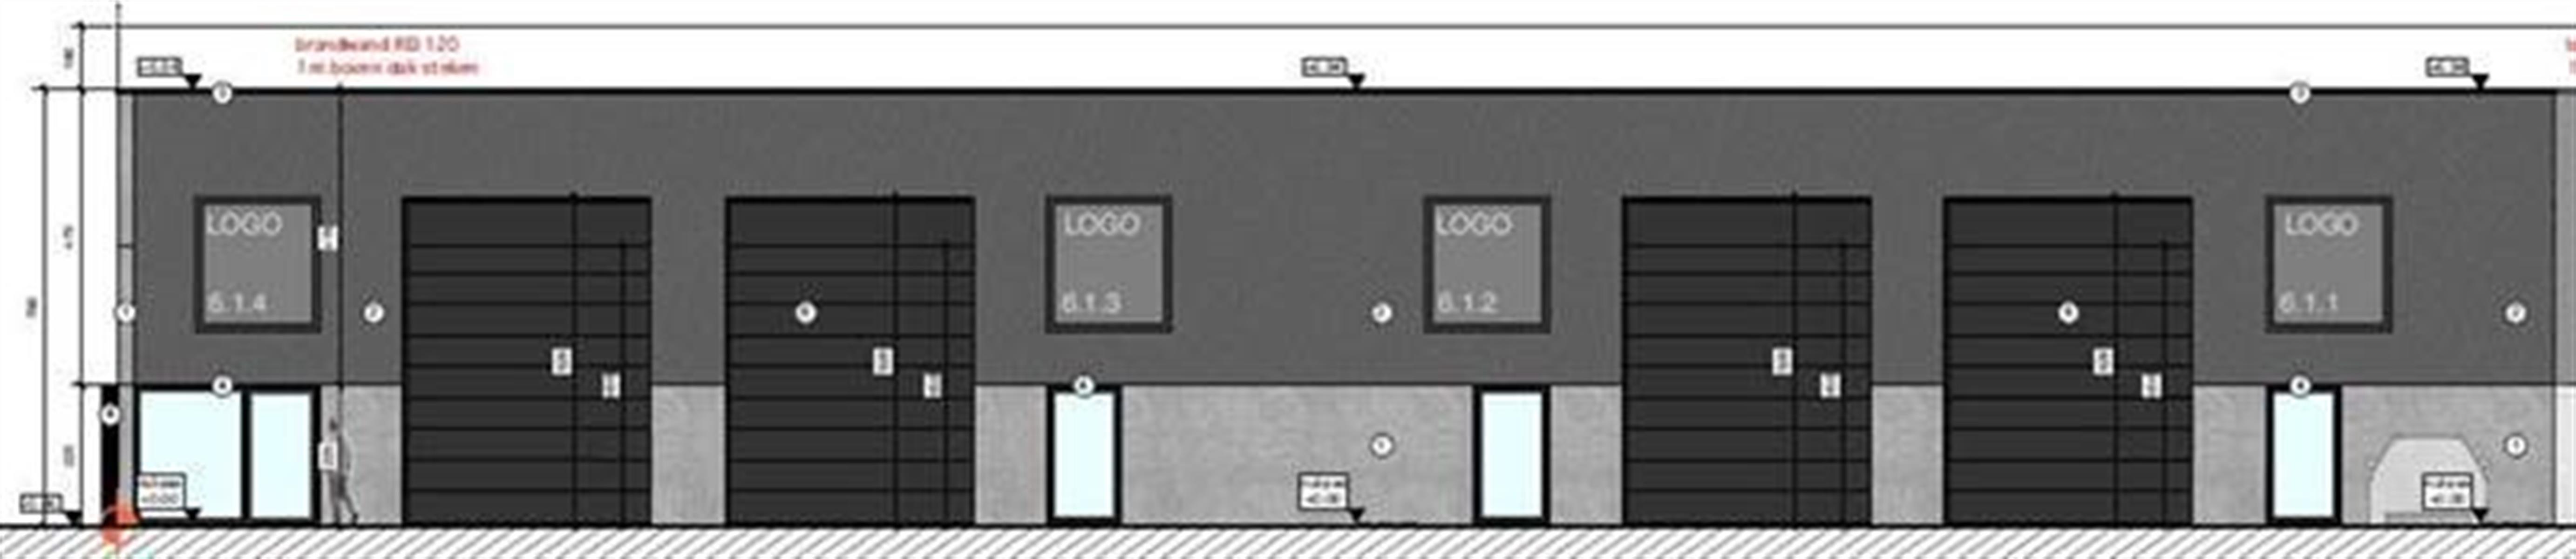 KMO-unit te koop UNIT 6.1.2 - Bollaarstraat 6, 2500 Lier, België 4